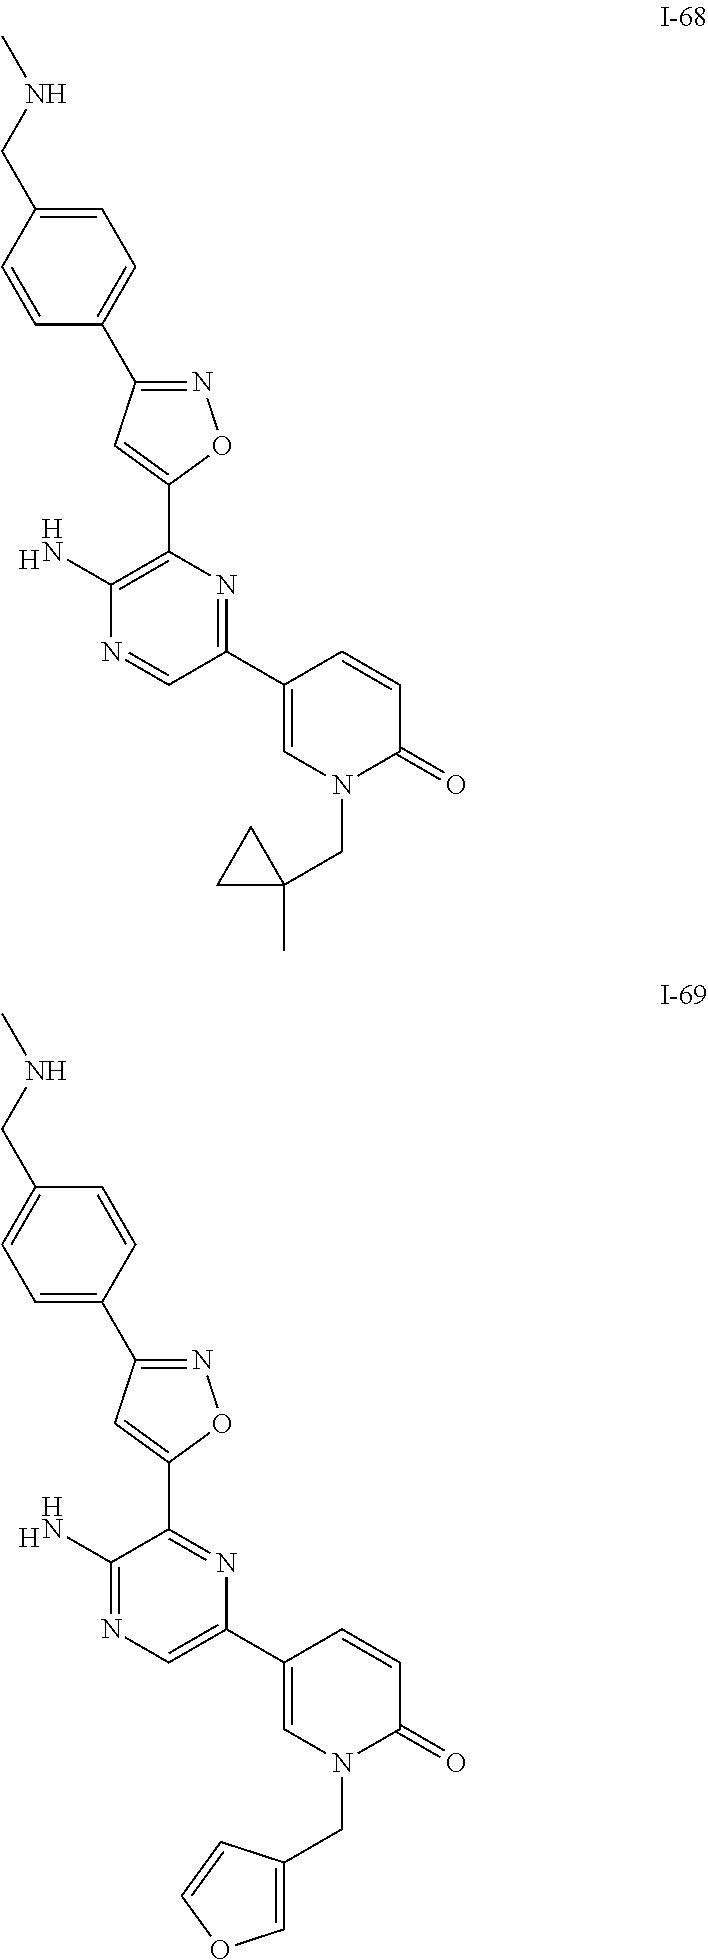 Figure US09630956-20170425-C00240